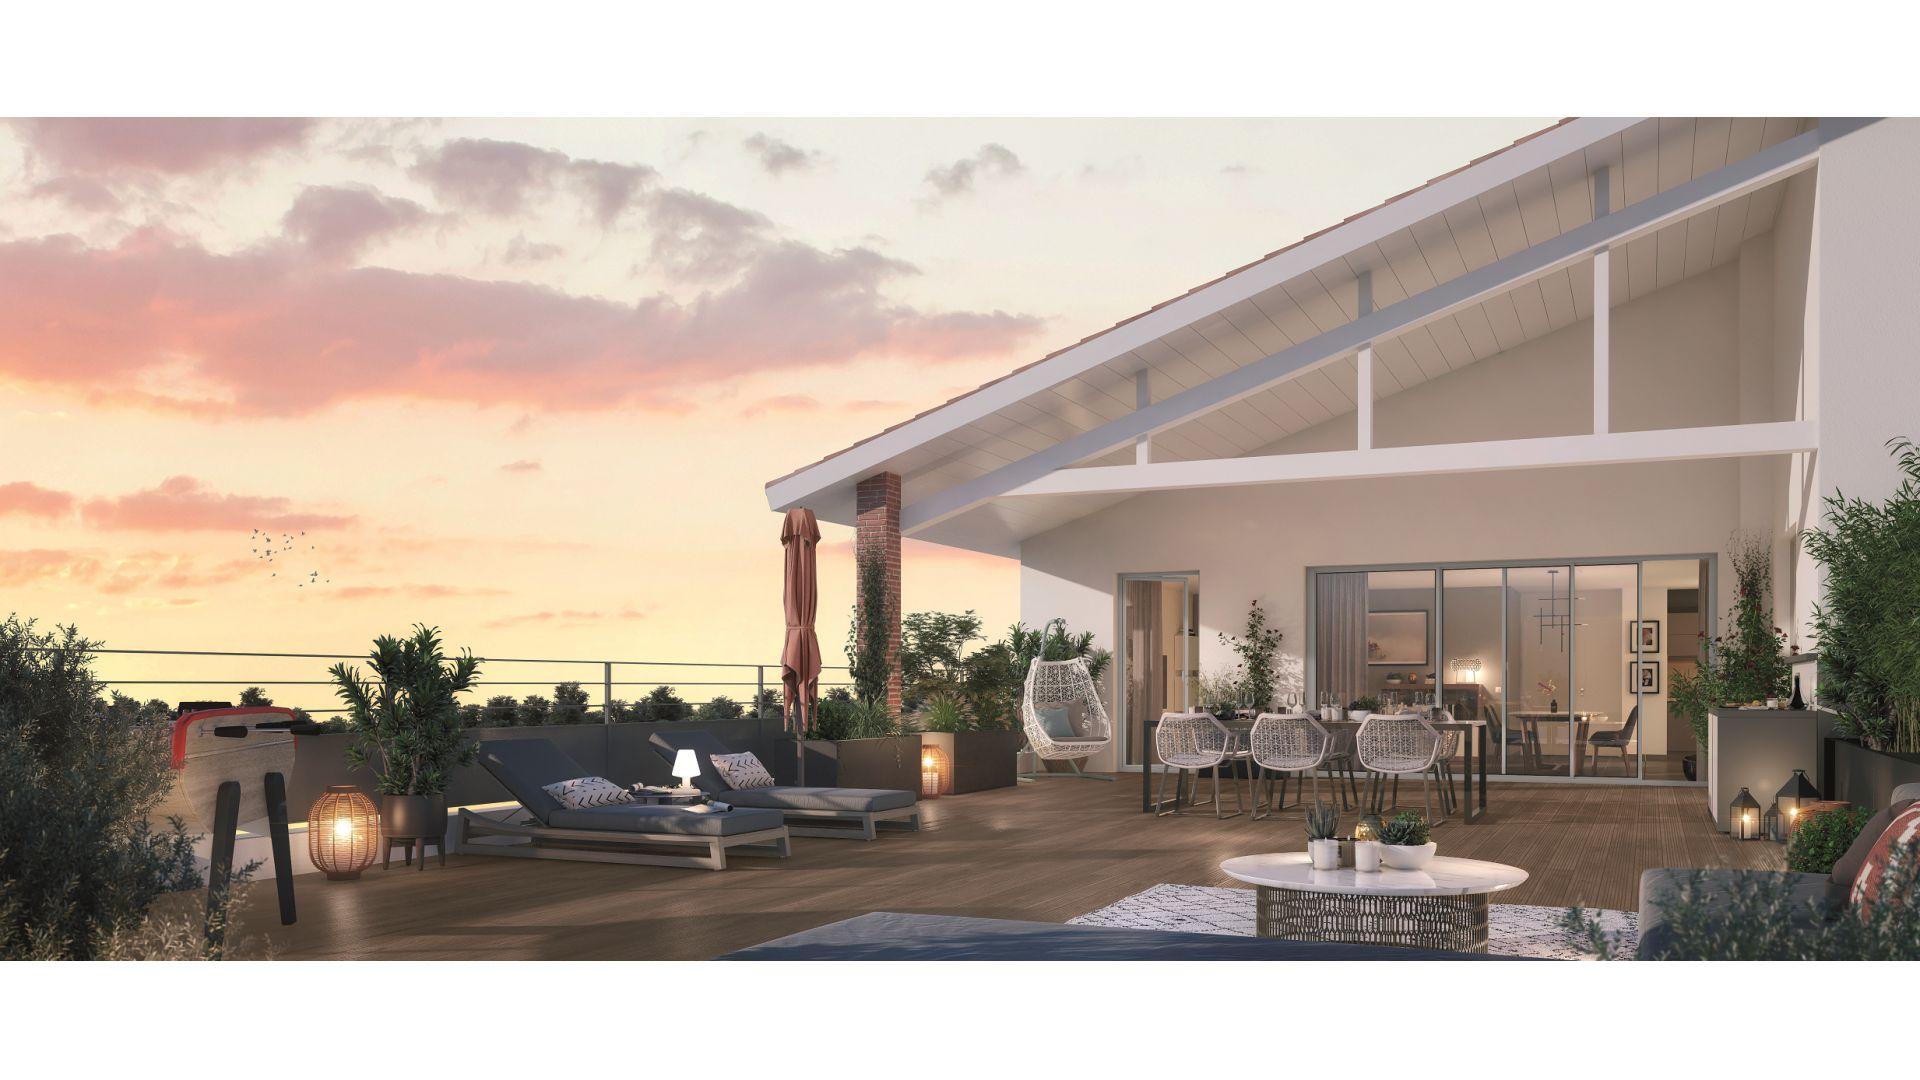 Greencity Immobilier - Domaine Marignac - Achat appartements à Montrabé 31850 - vue terrasse